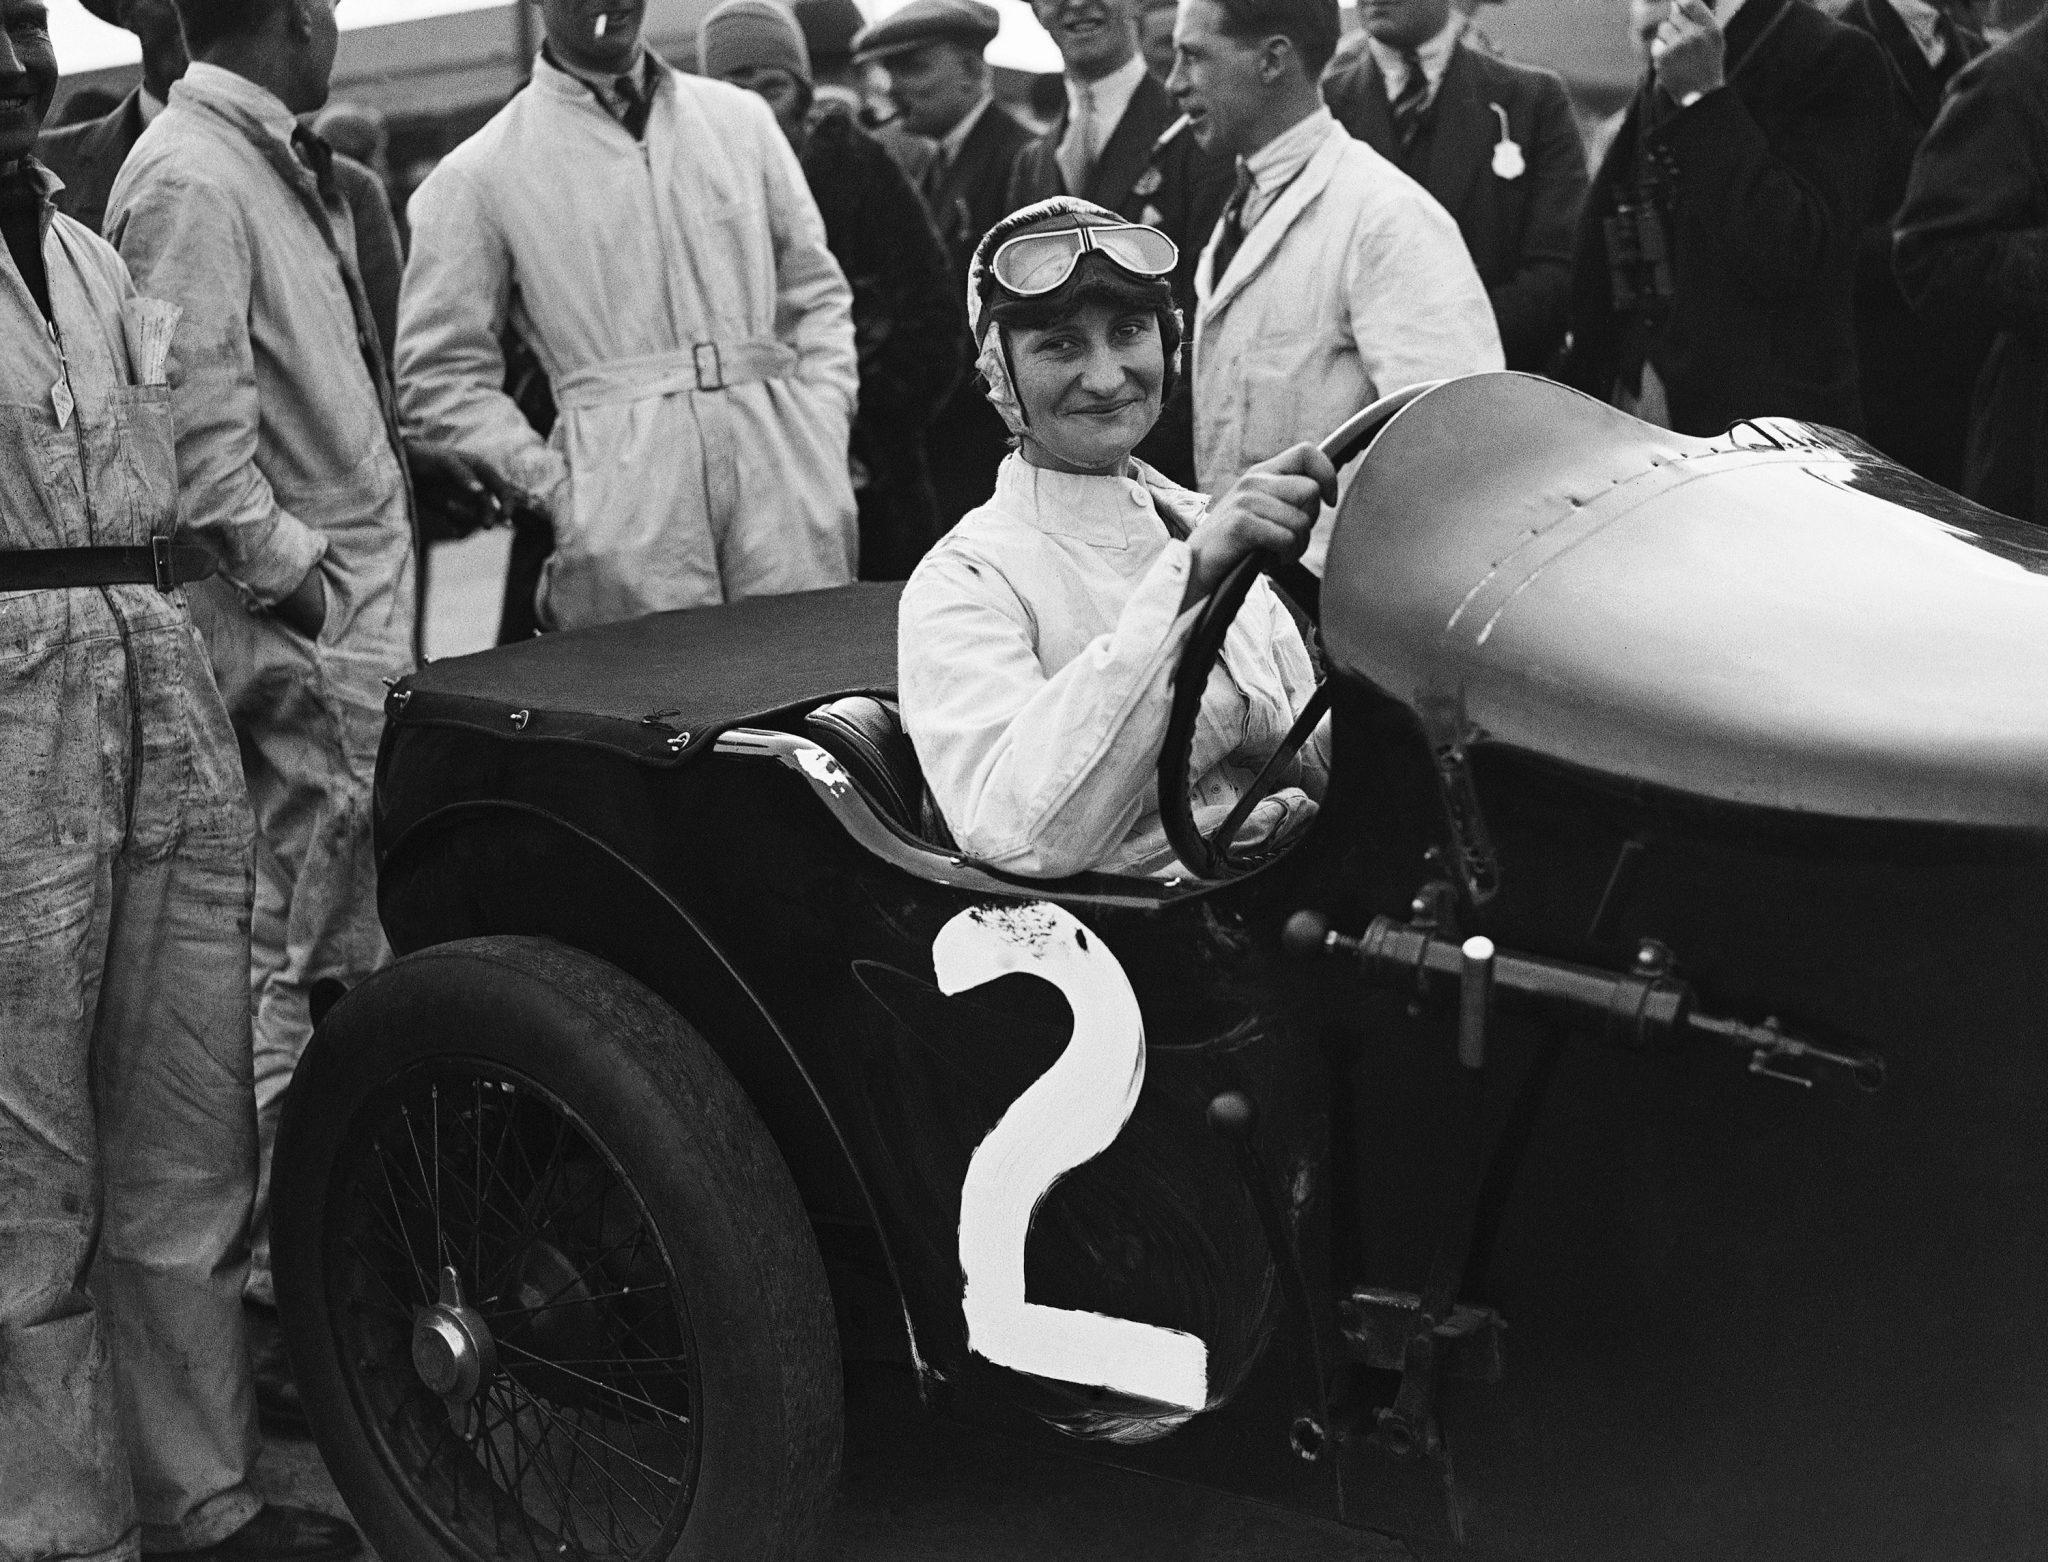 famous race car drivers 1920s